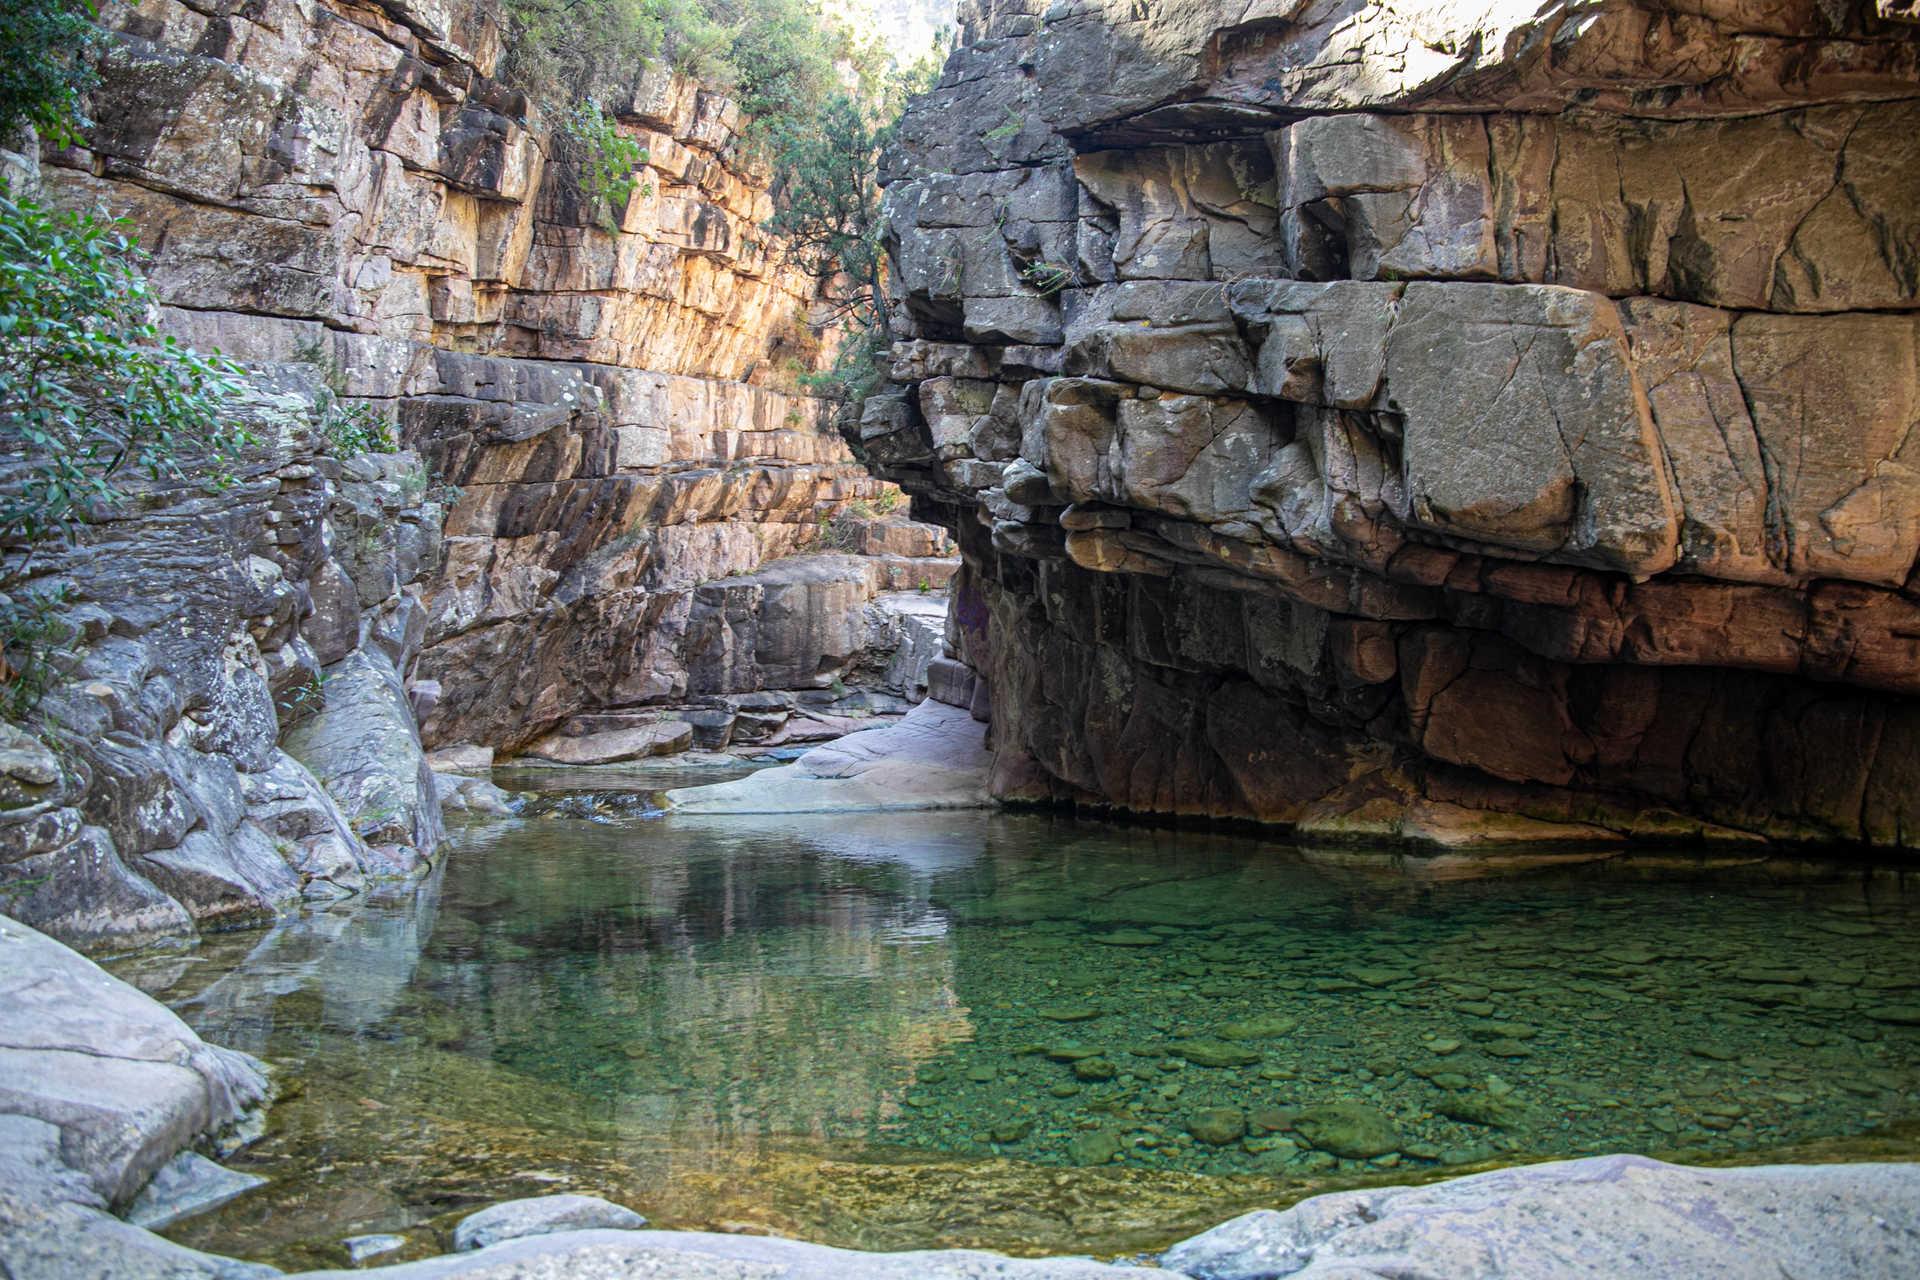 Clots d'aigua del barranc de les Salines